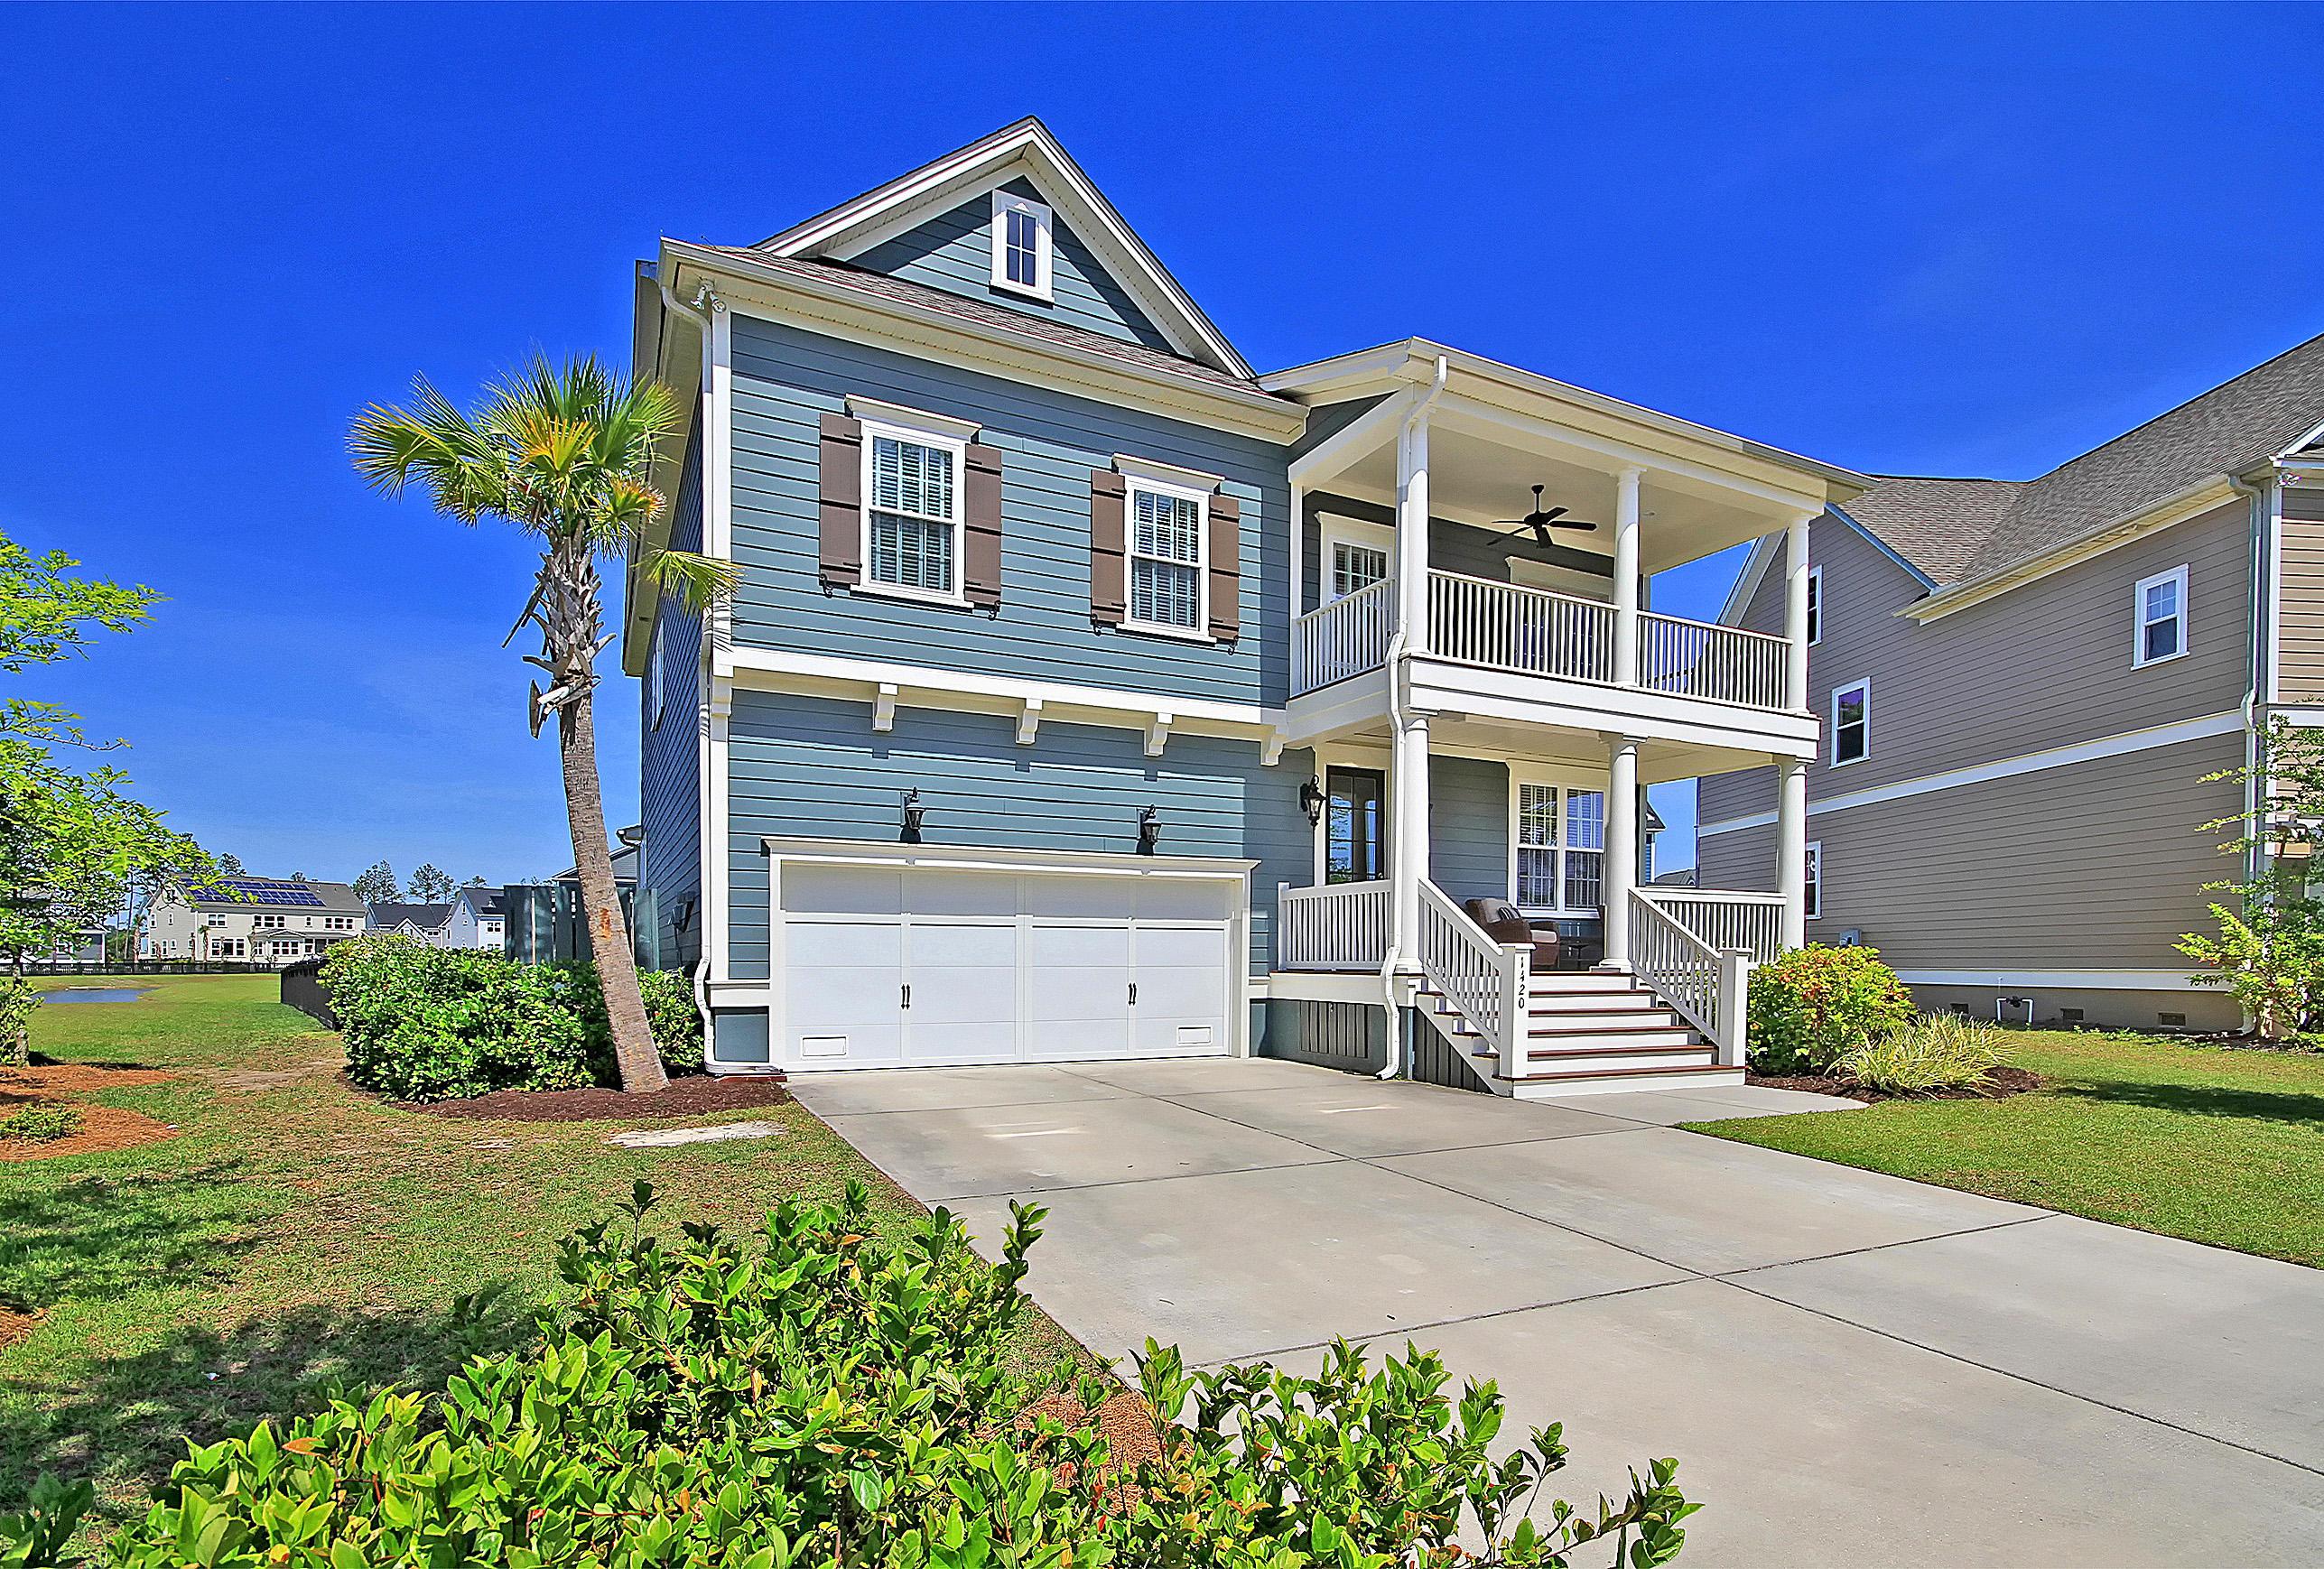 Dunes West Homes For Sale - 1420 Trip Line, Mount Pleasant, SC - 3